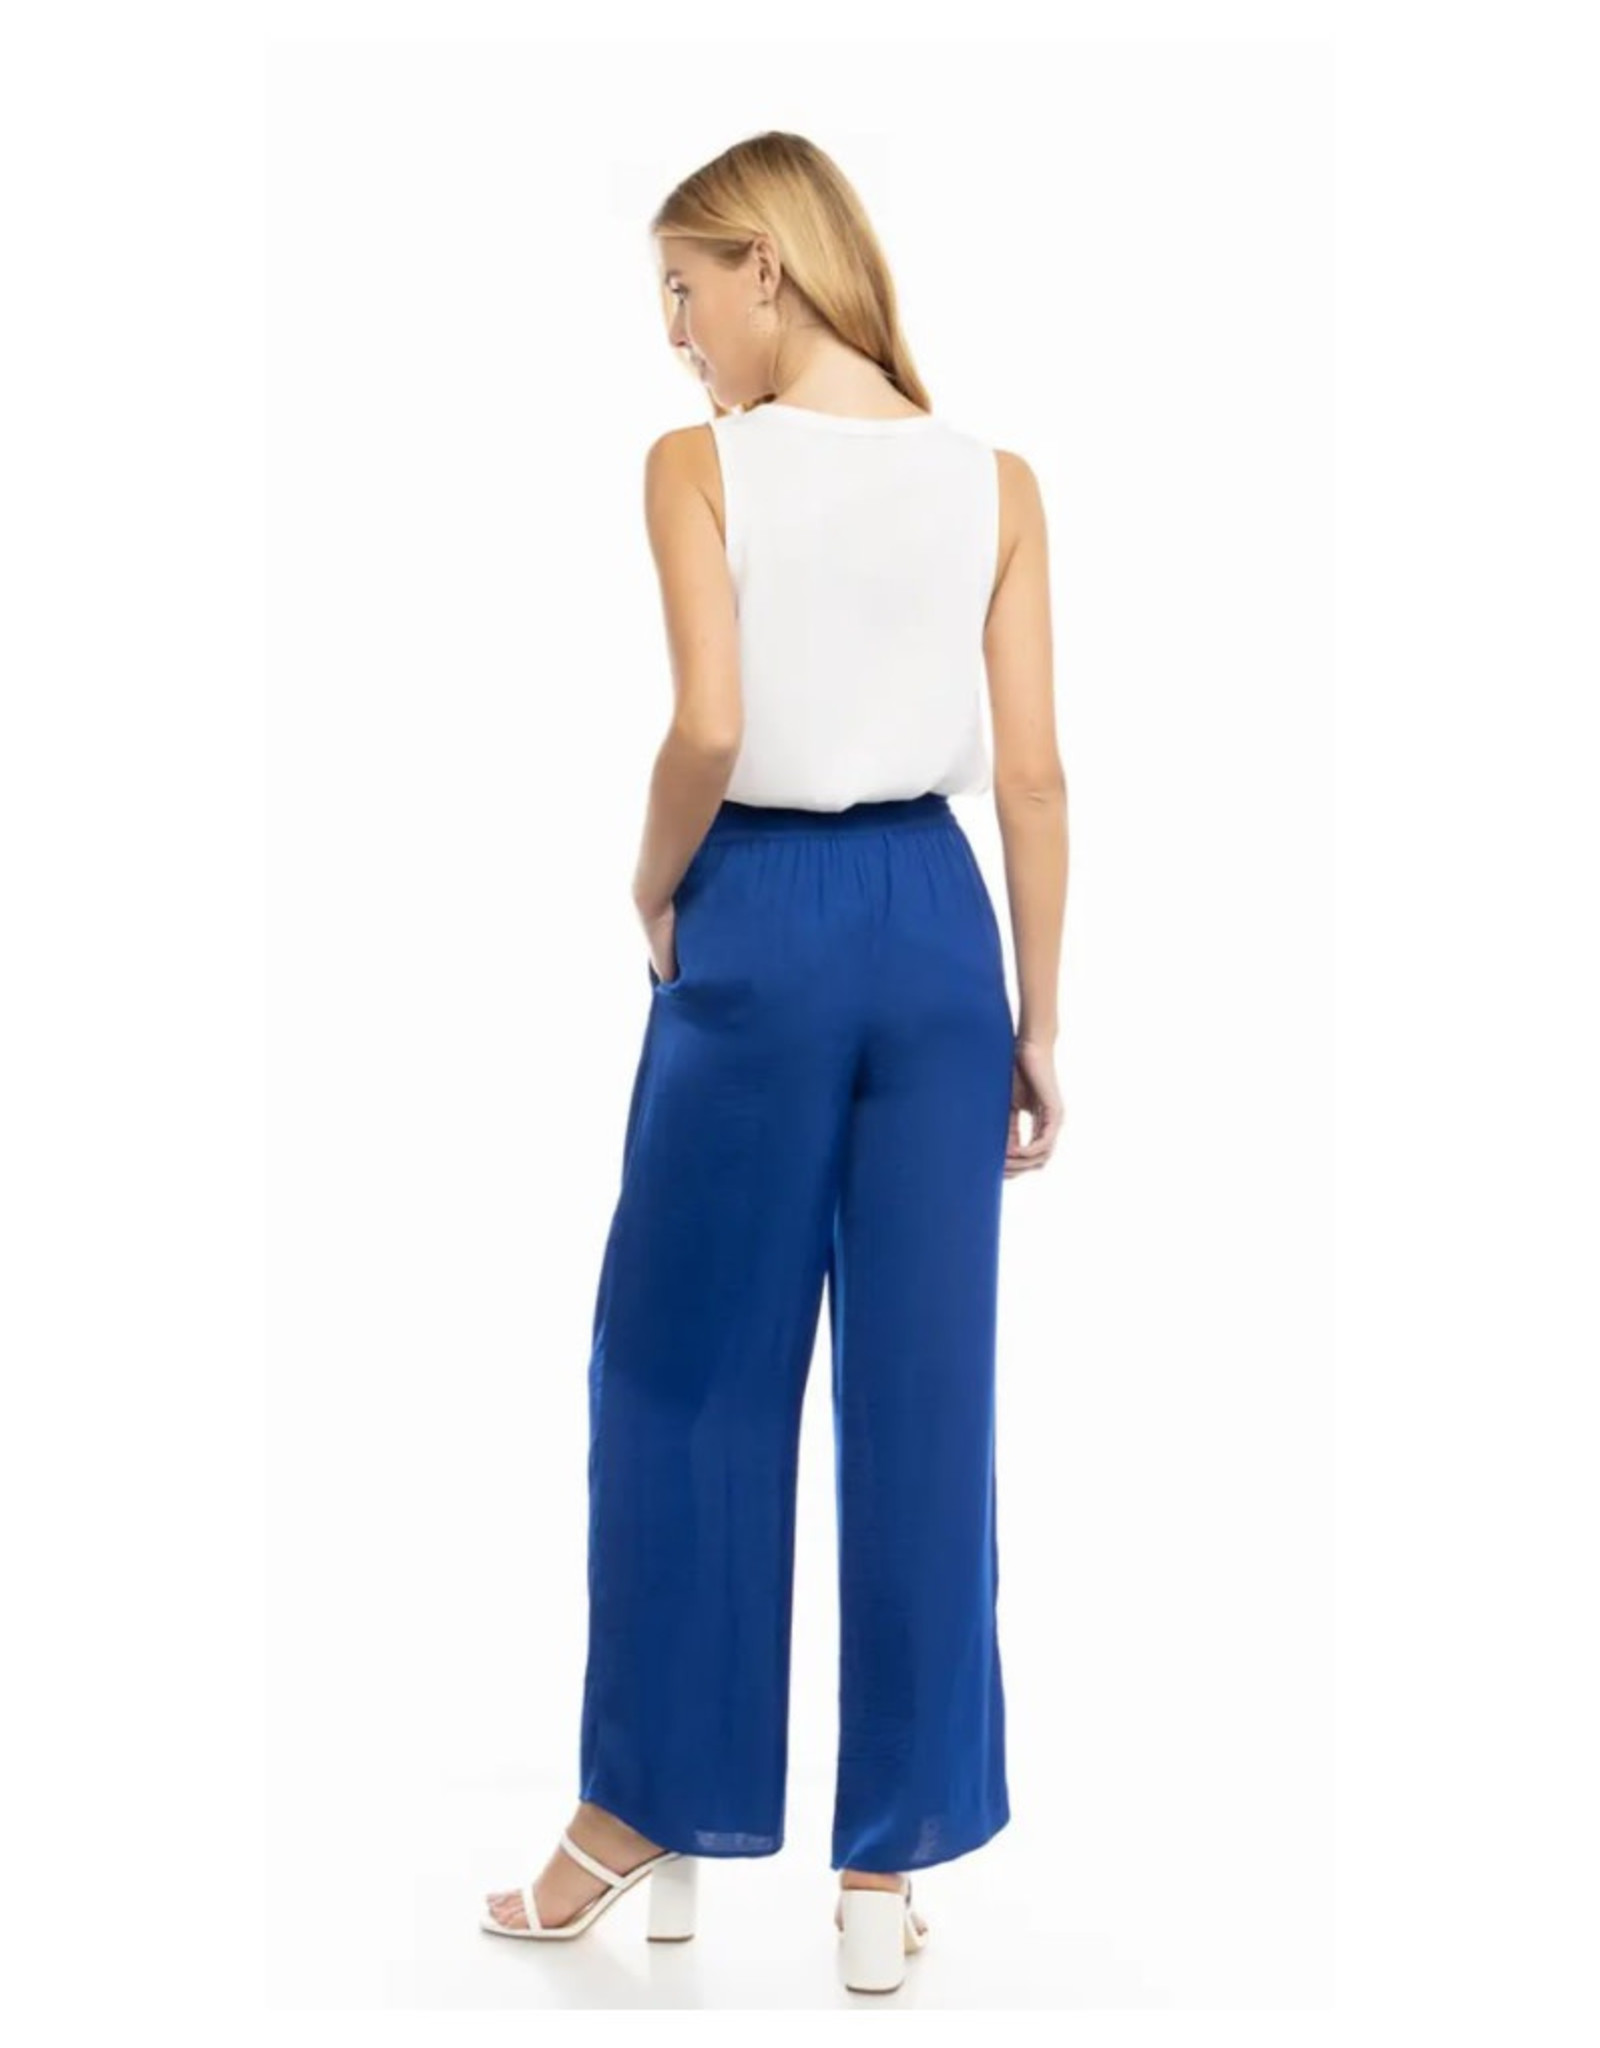 Flowy Elastic Waist Pants